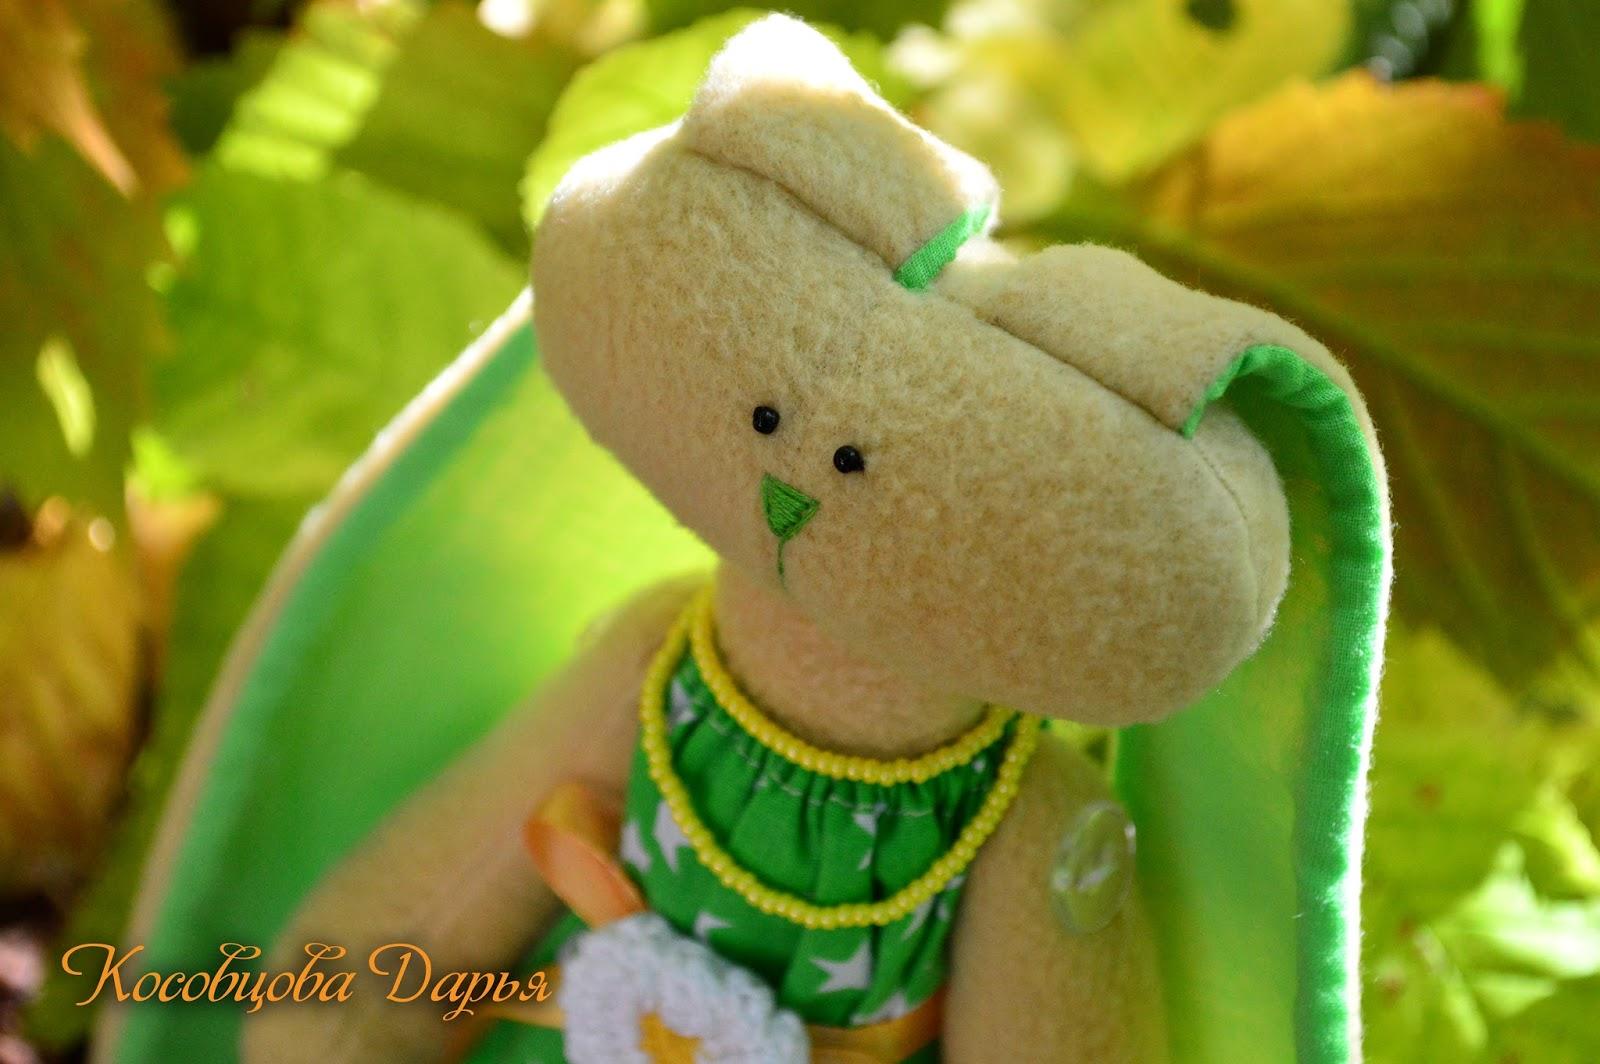 игрушки купить киев, ручная работа Киев, авторские зайцы, зайчики, авторские зайцы, подарок на день рождения, заяц ручной работы, игрушка заяц ручной работы, Hand-made игрушки киев.